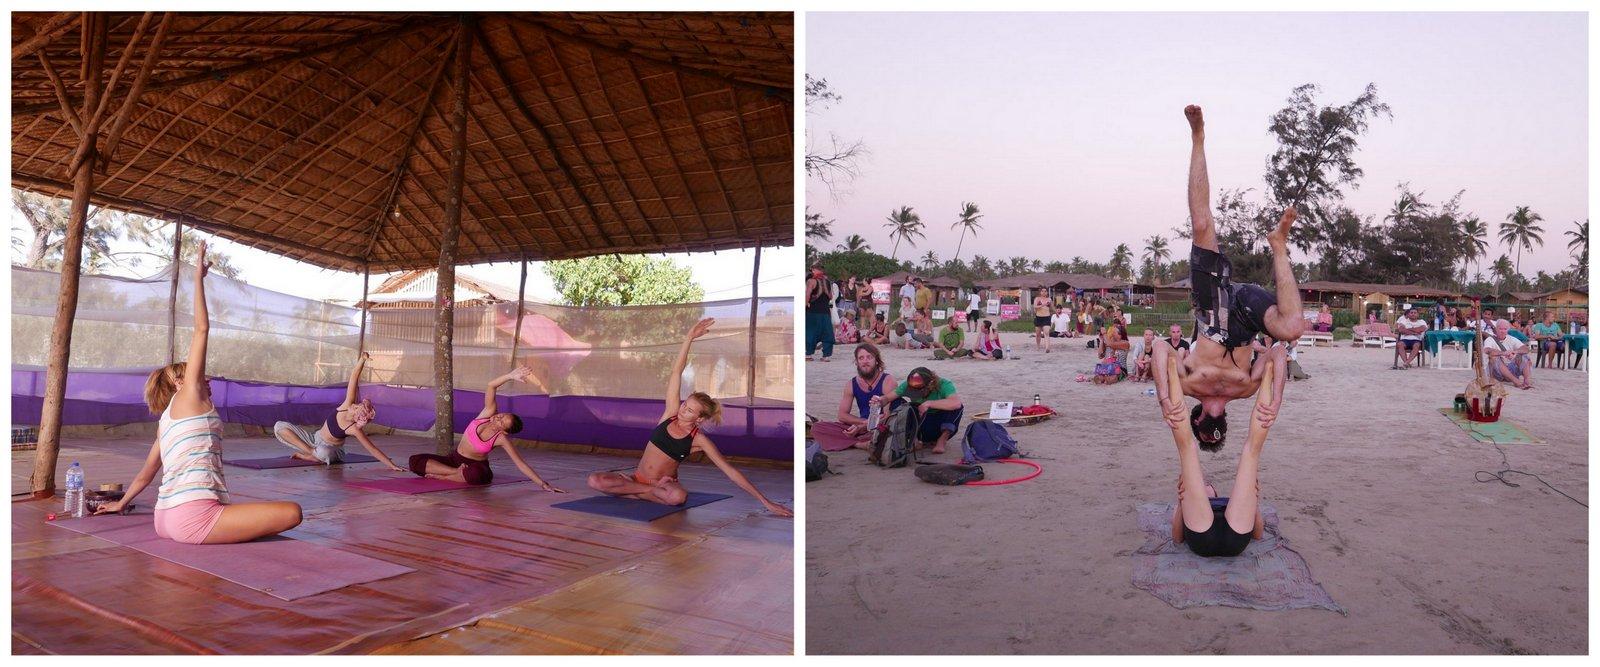 Cours de yoga et accro-yoga sur la plage d'Arambol